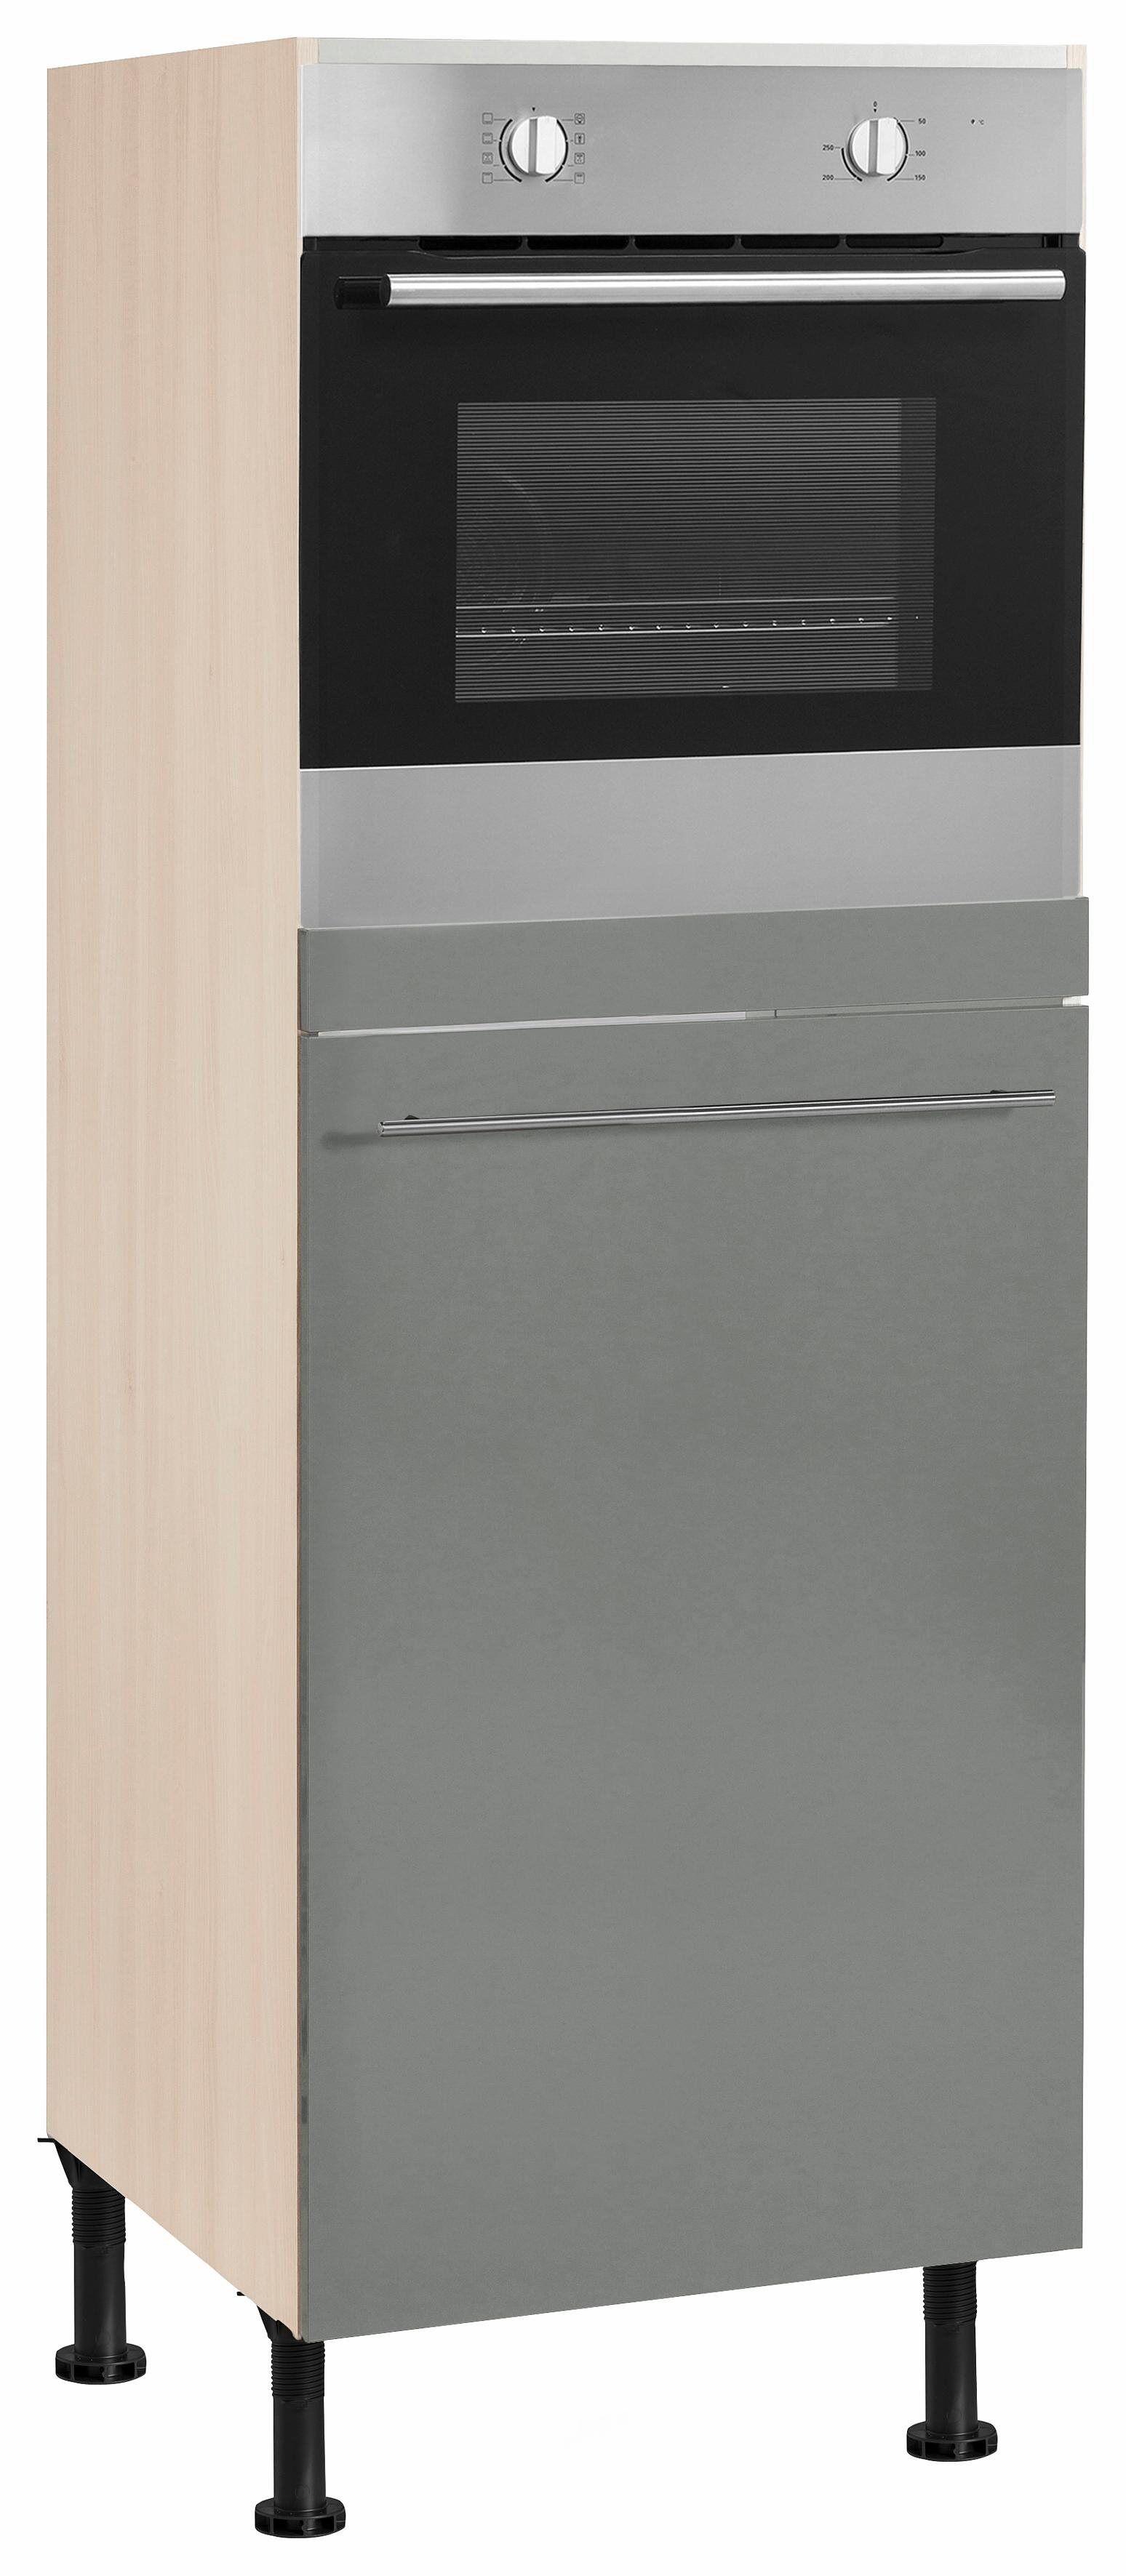 OPTIFIT Backofen/Kühlumbauschrank »Bern« 60 cm breit, 176 cm hoch, mit höhenverstellbaren Stellfüßen, mit Metallgriff, basaltgrau/akaziefarben